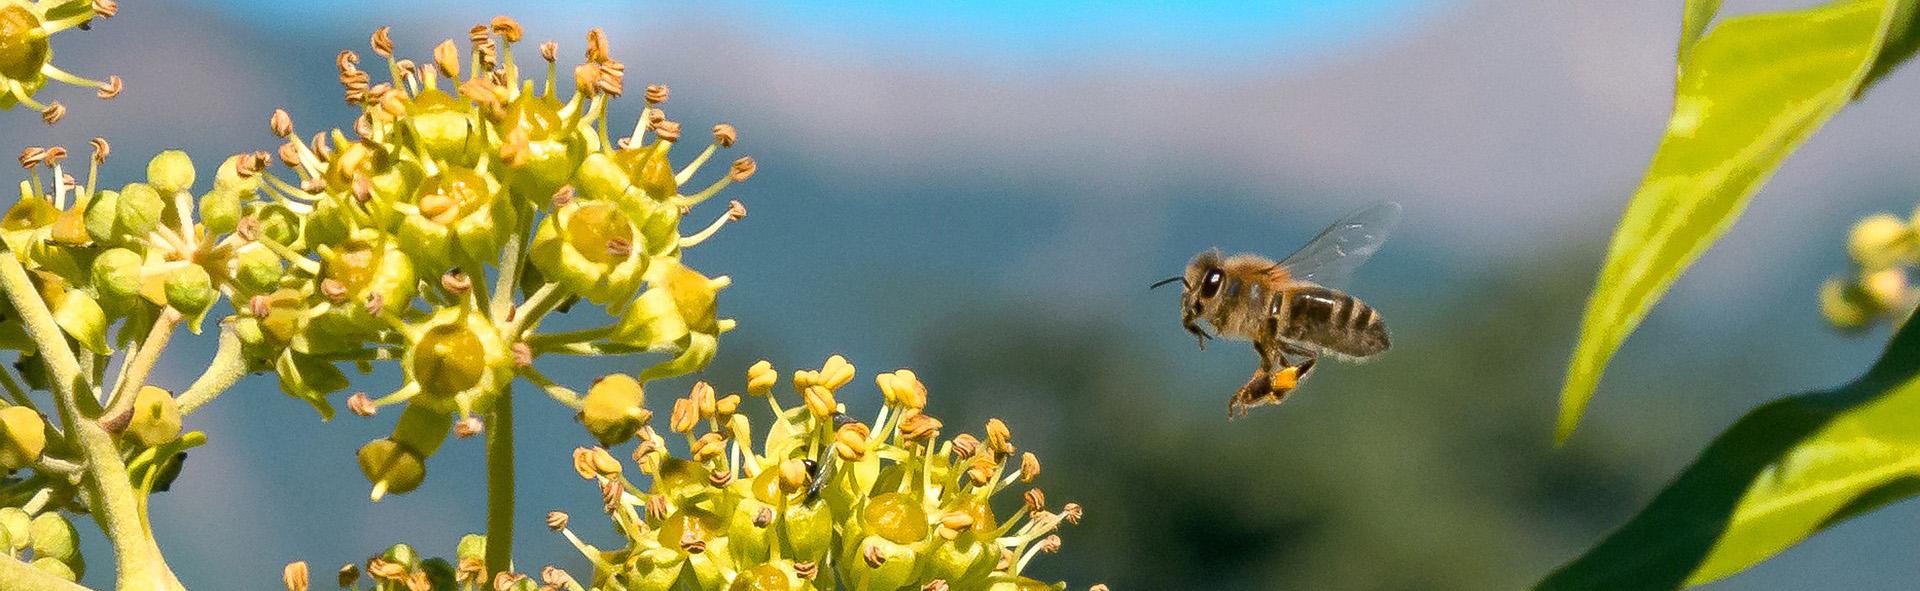 Bio Imkerei Bramreither - Honig - Produkte - Mühlviertel - Rohrbach - Helfenberg - Penning - Biene - Shop - regional kaufen